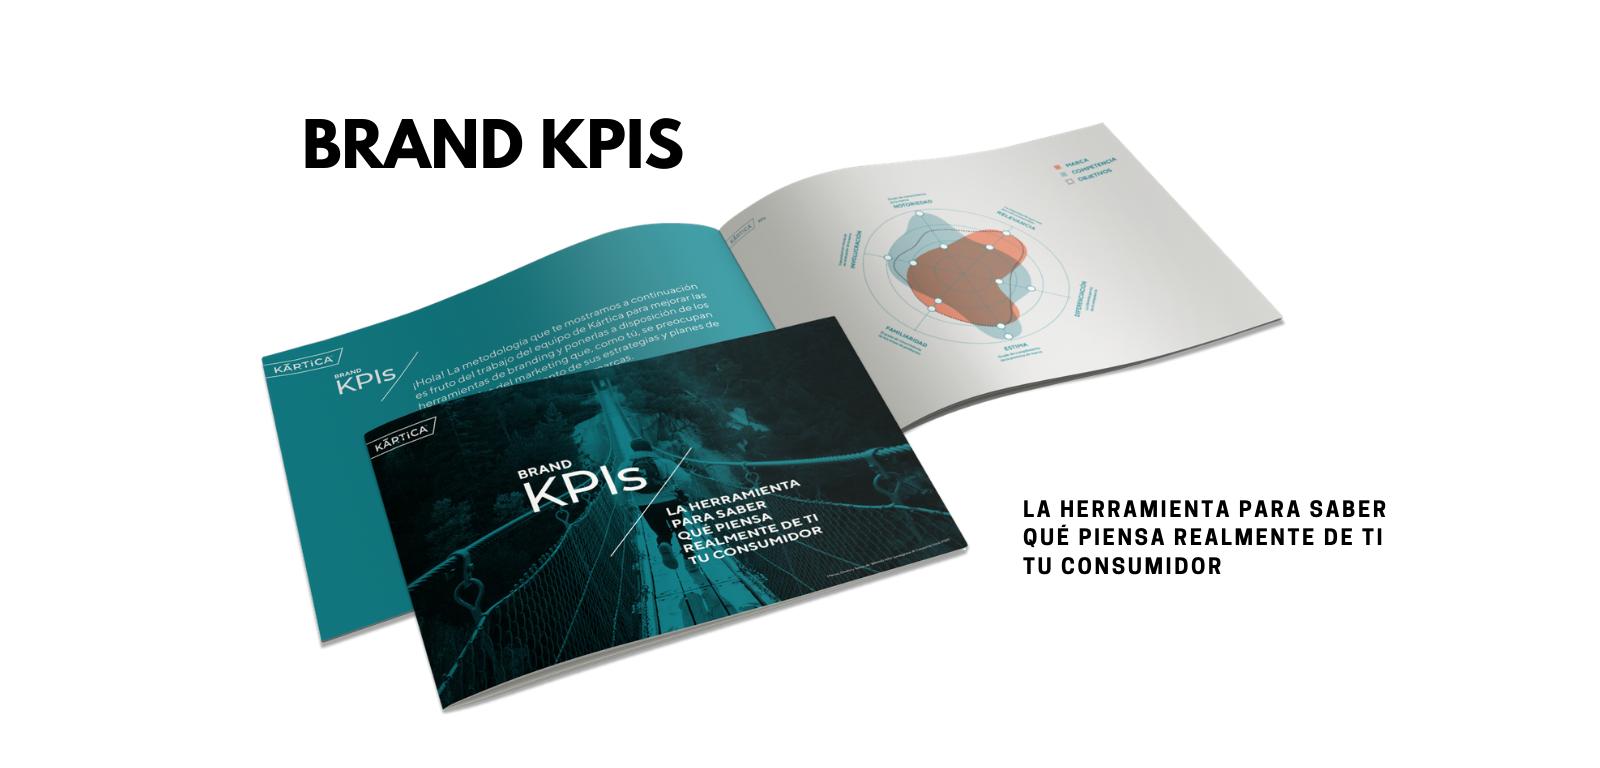 Brand KPIS. La herramienta para saber qué piensa realmente de ti, tu consumidor